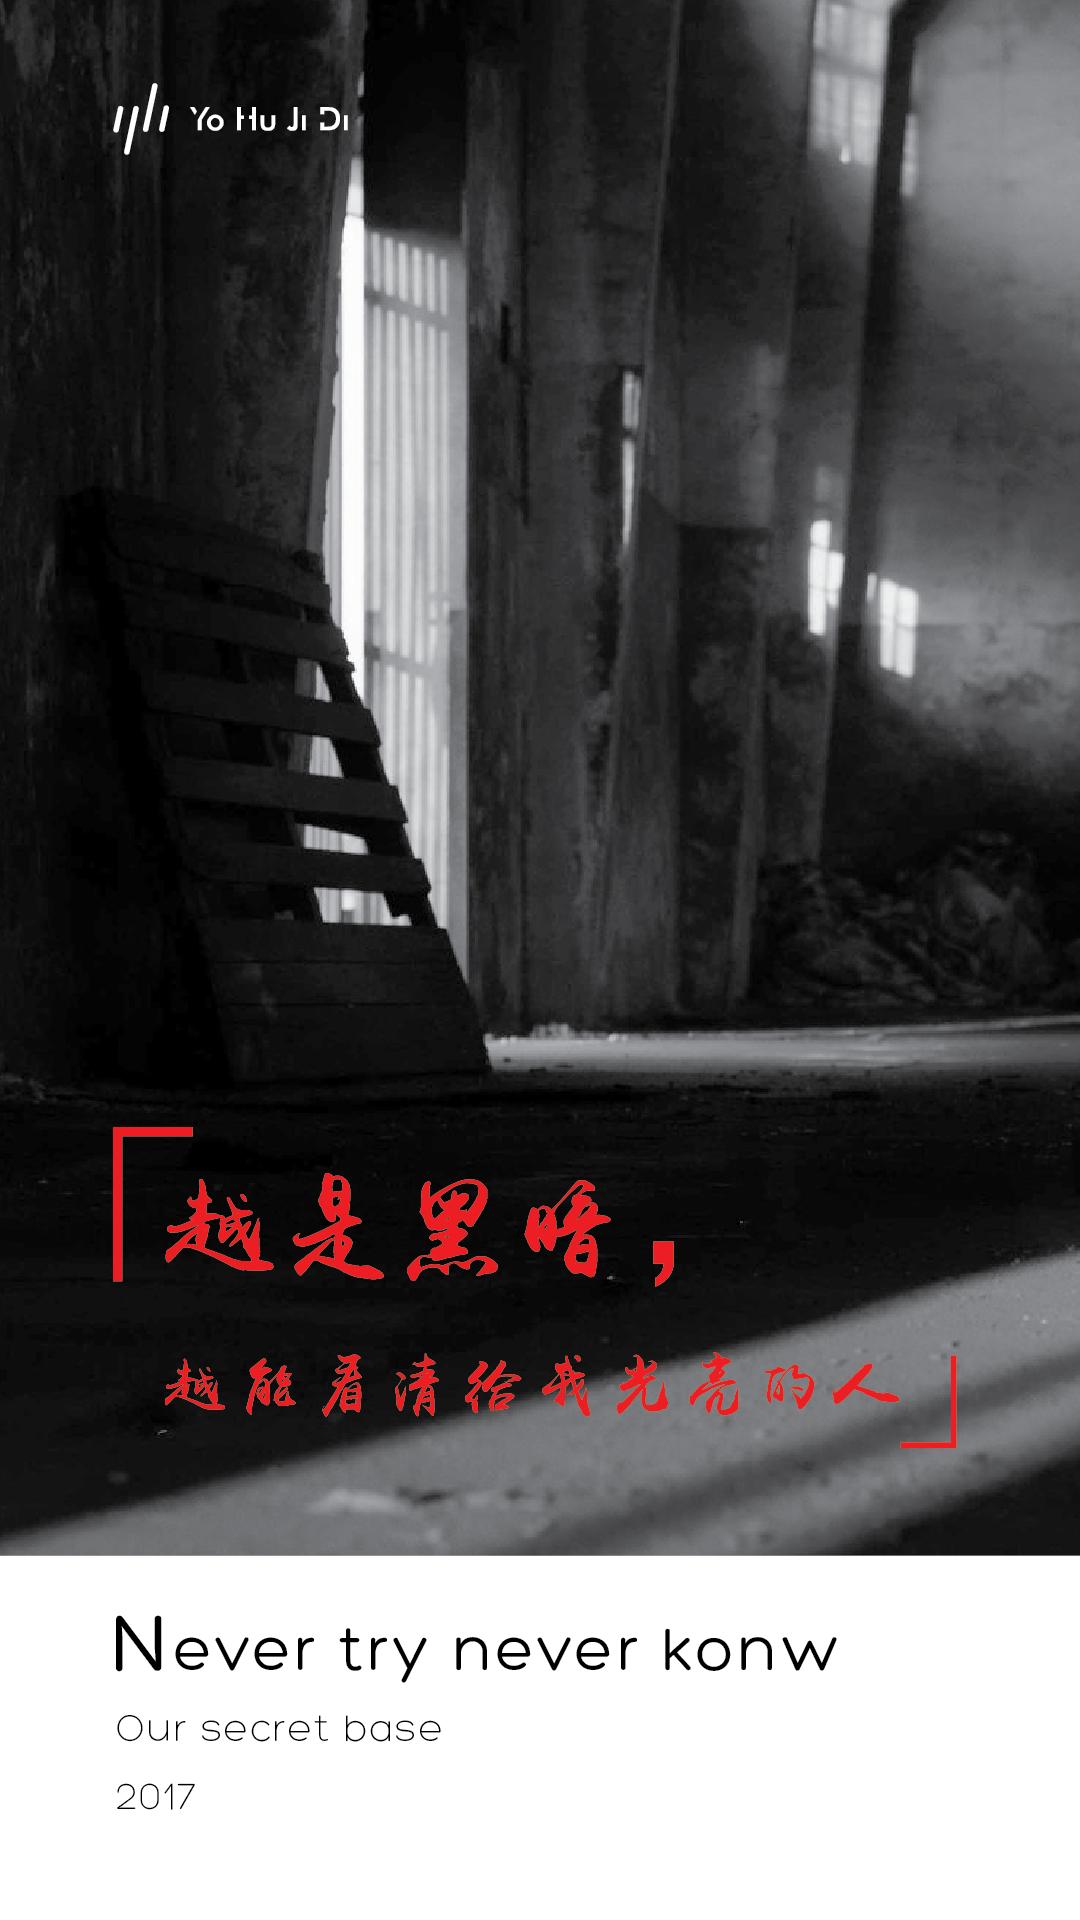 哟呼基地 3.6 版寓意海报